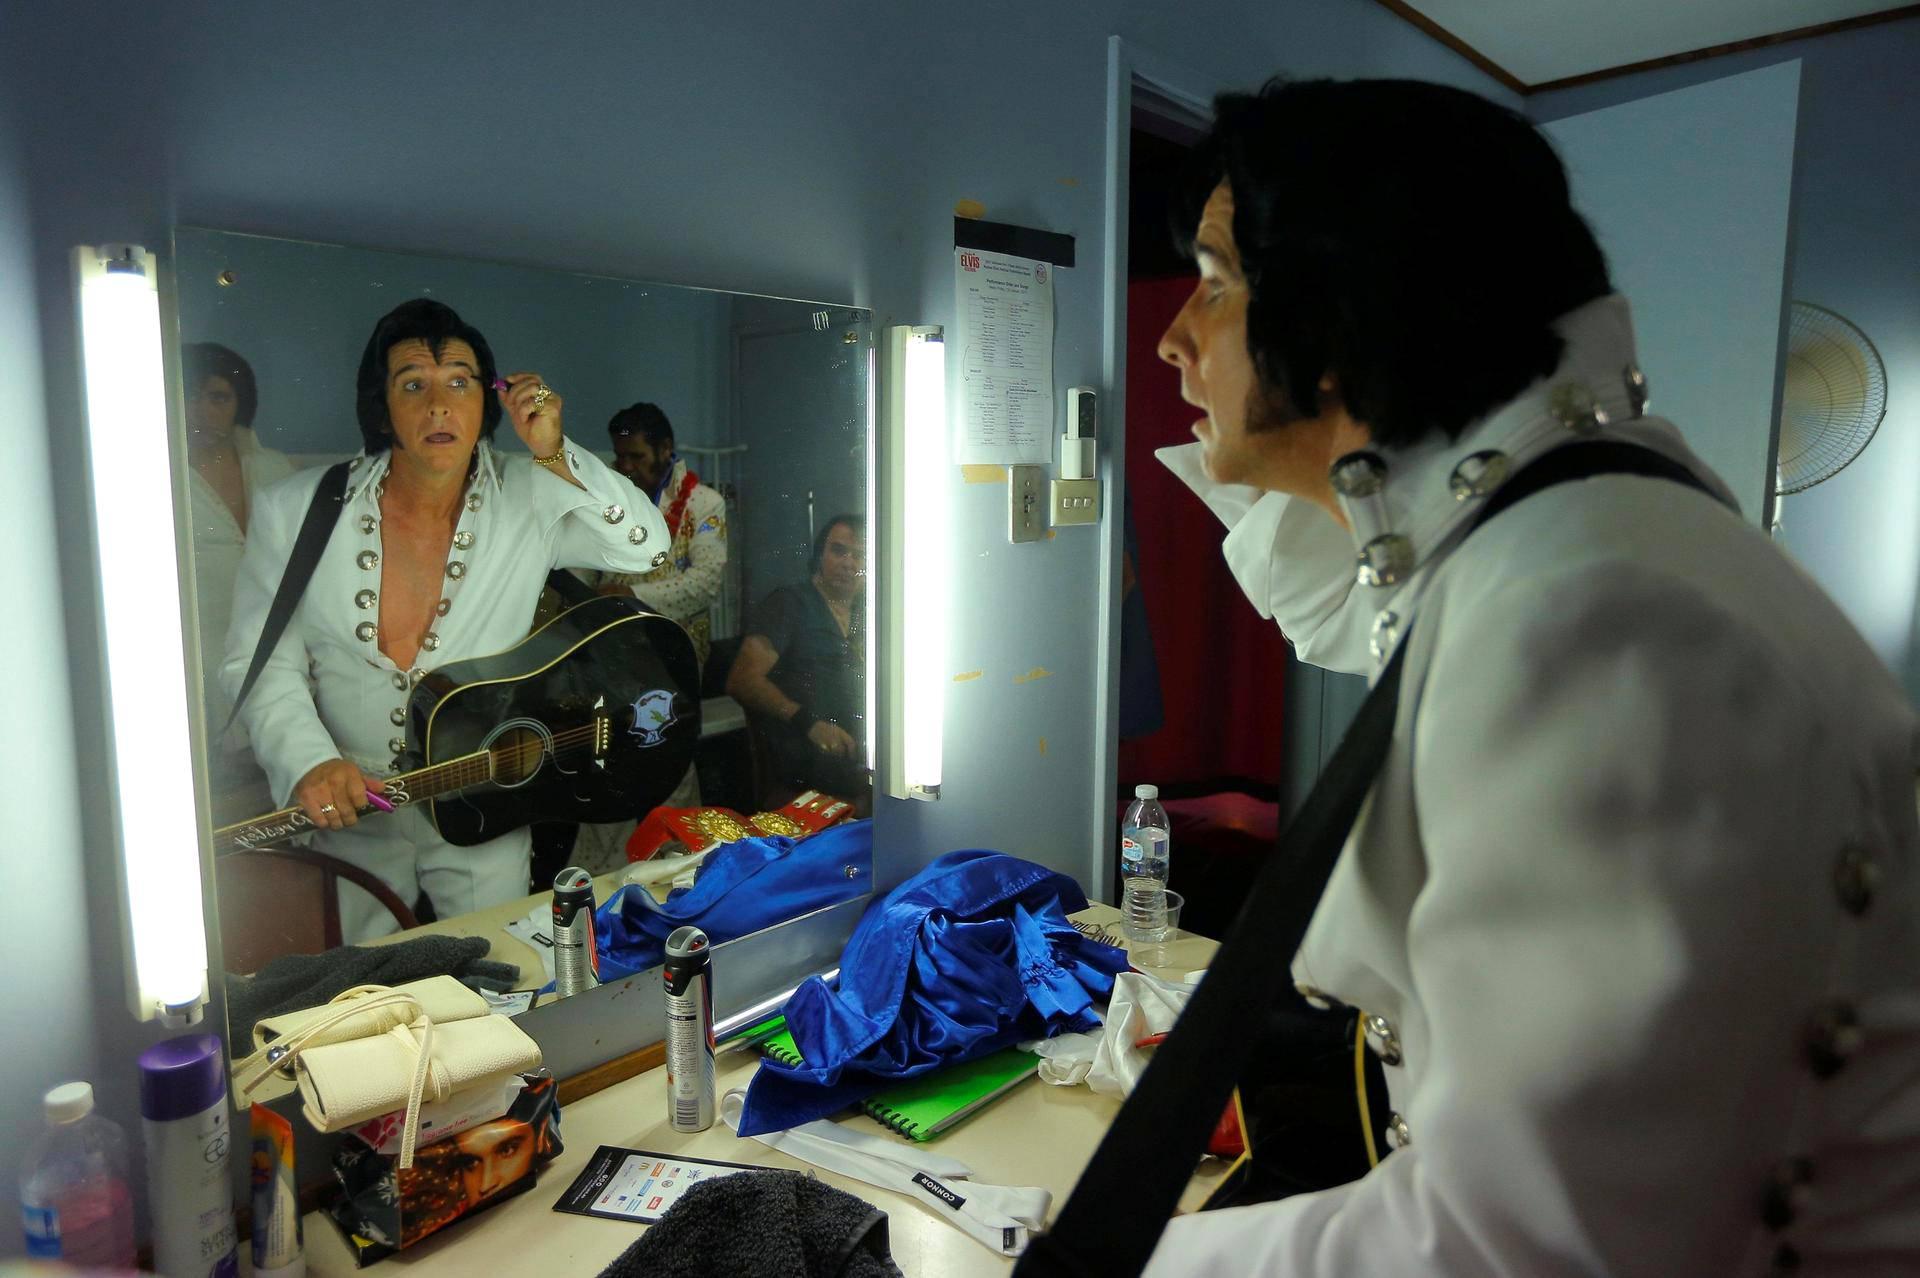 Stephen Fletcher valmistautuu esitykseensä Parkesin jokavuotisilla Elvis Presley -festivaaleilla Australiassa.